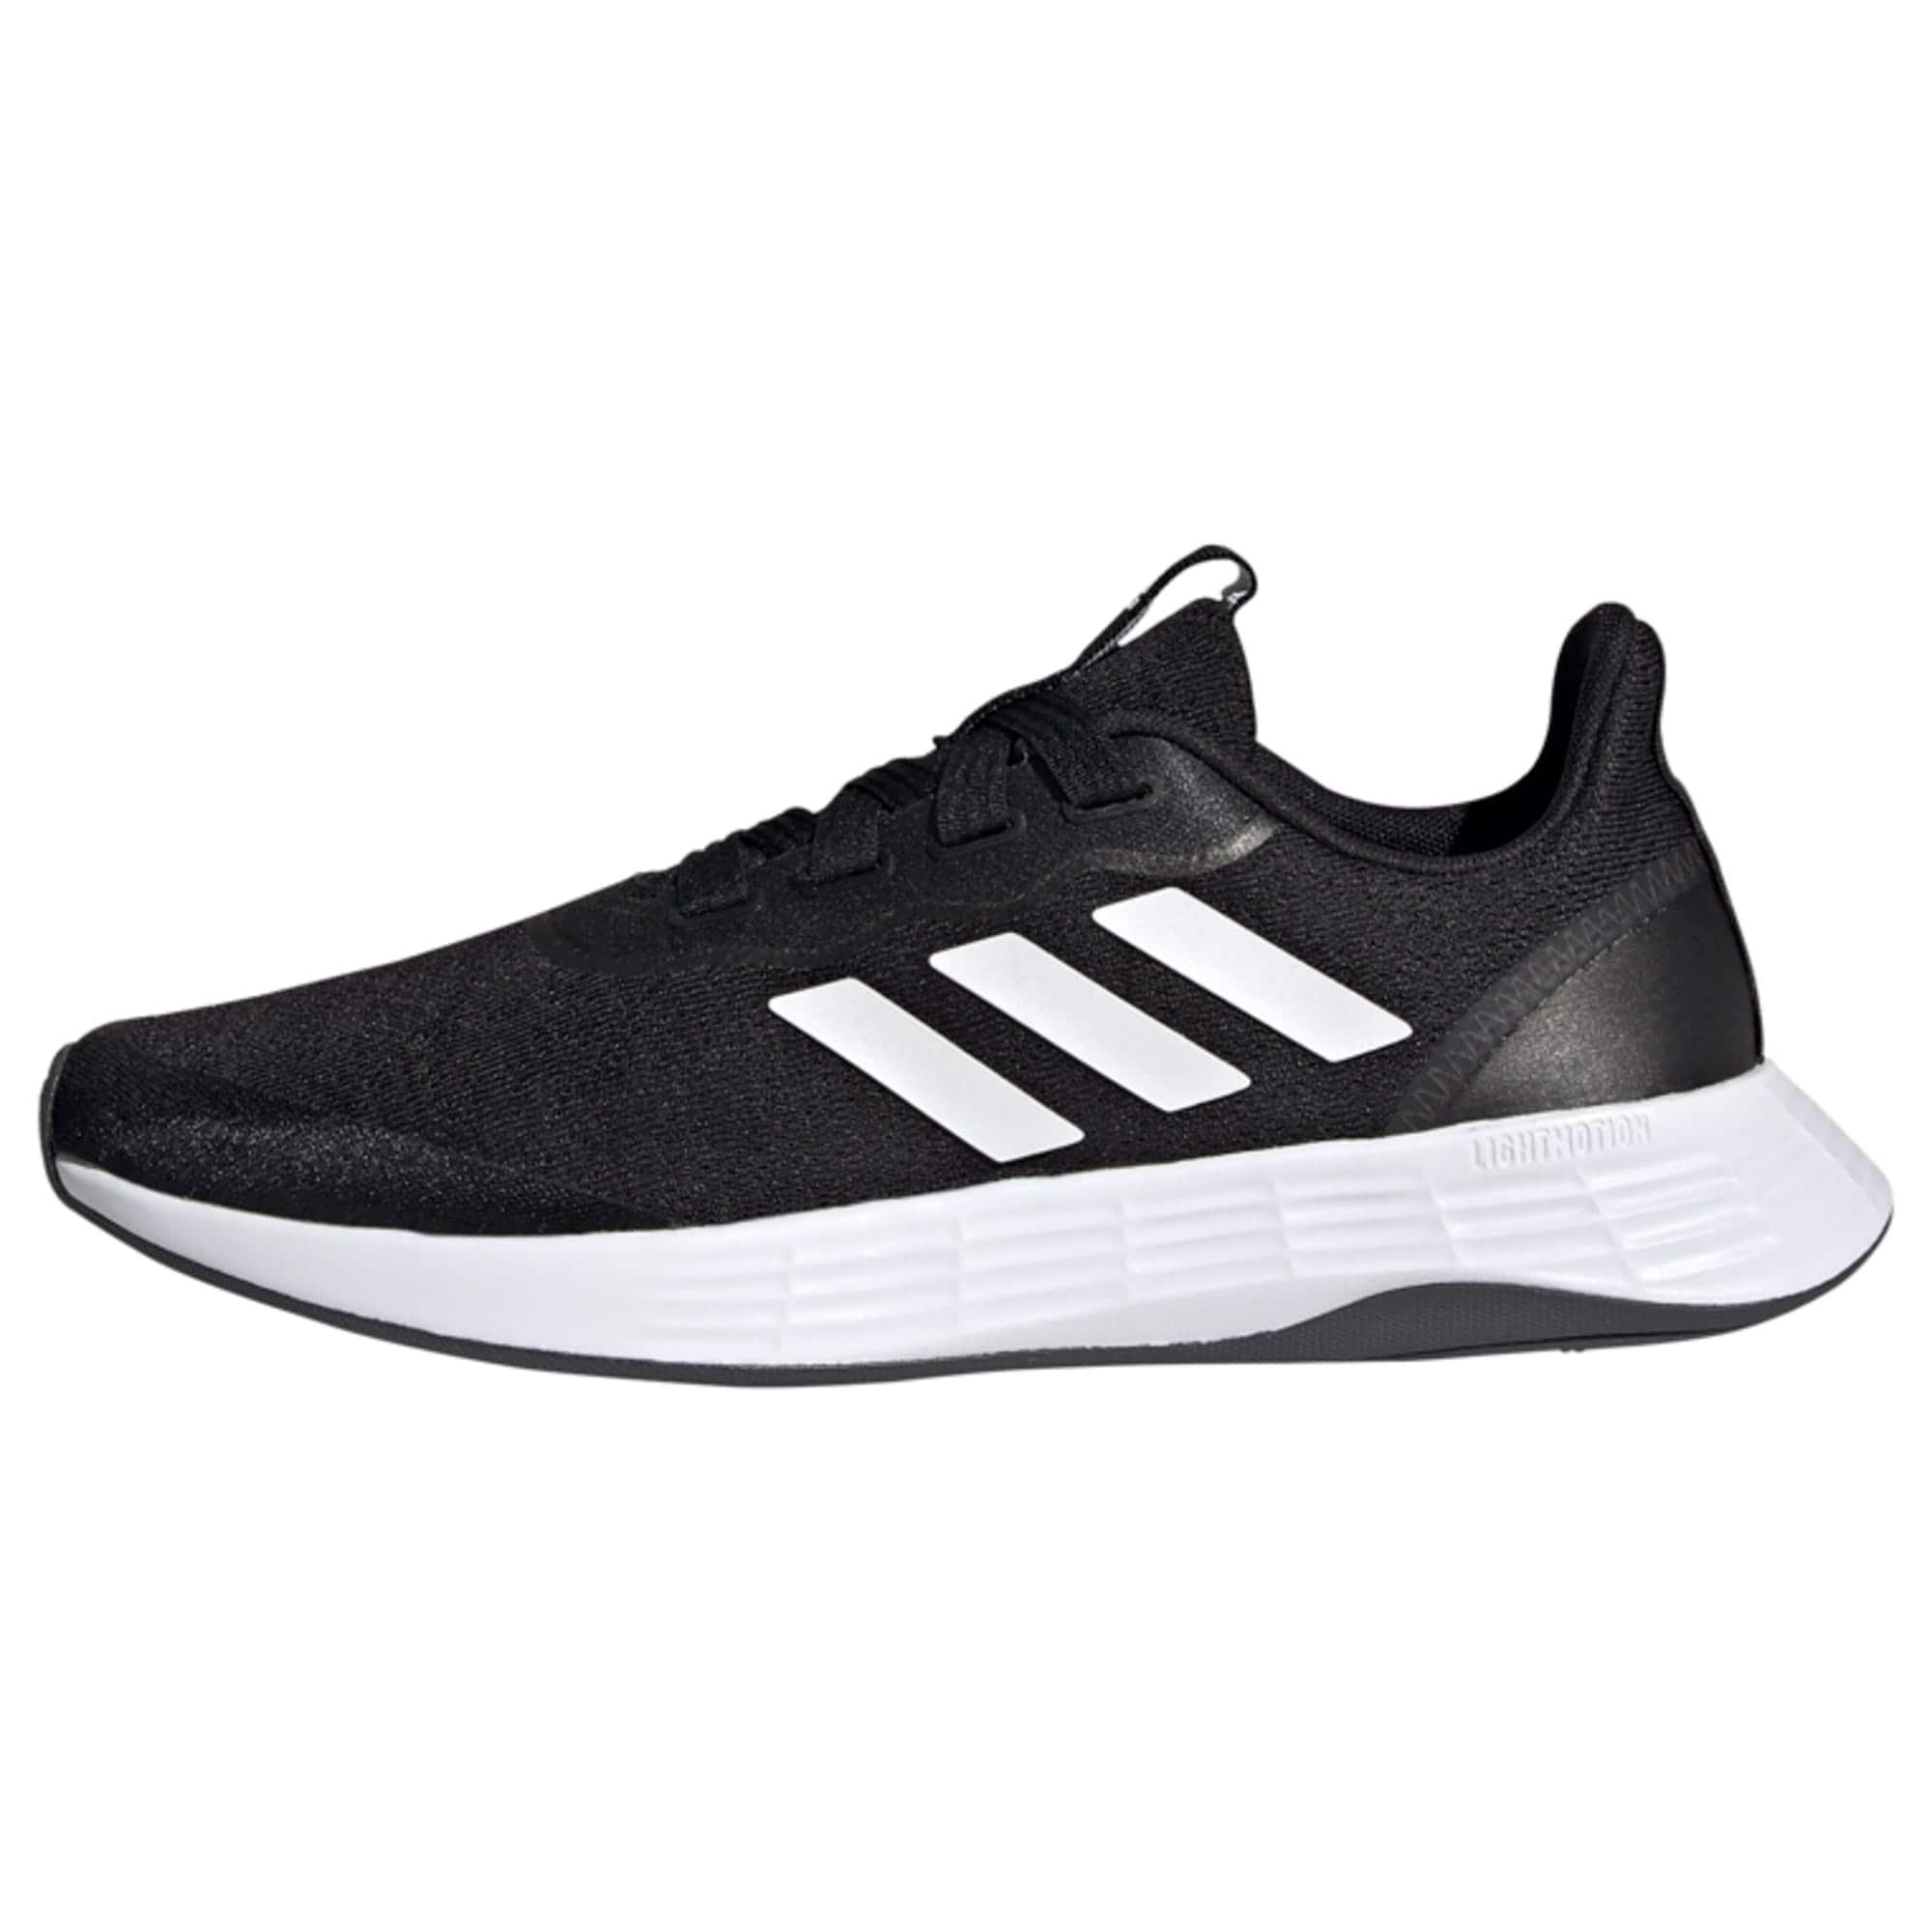 ADIDAS PERFORMANCE Chaussure de course  - Noir - Taille: 4.5 - female